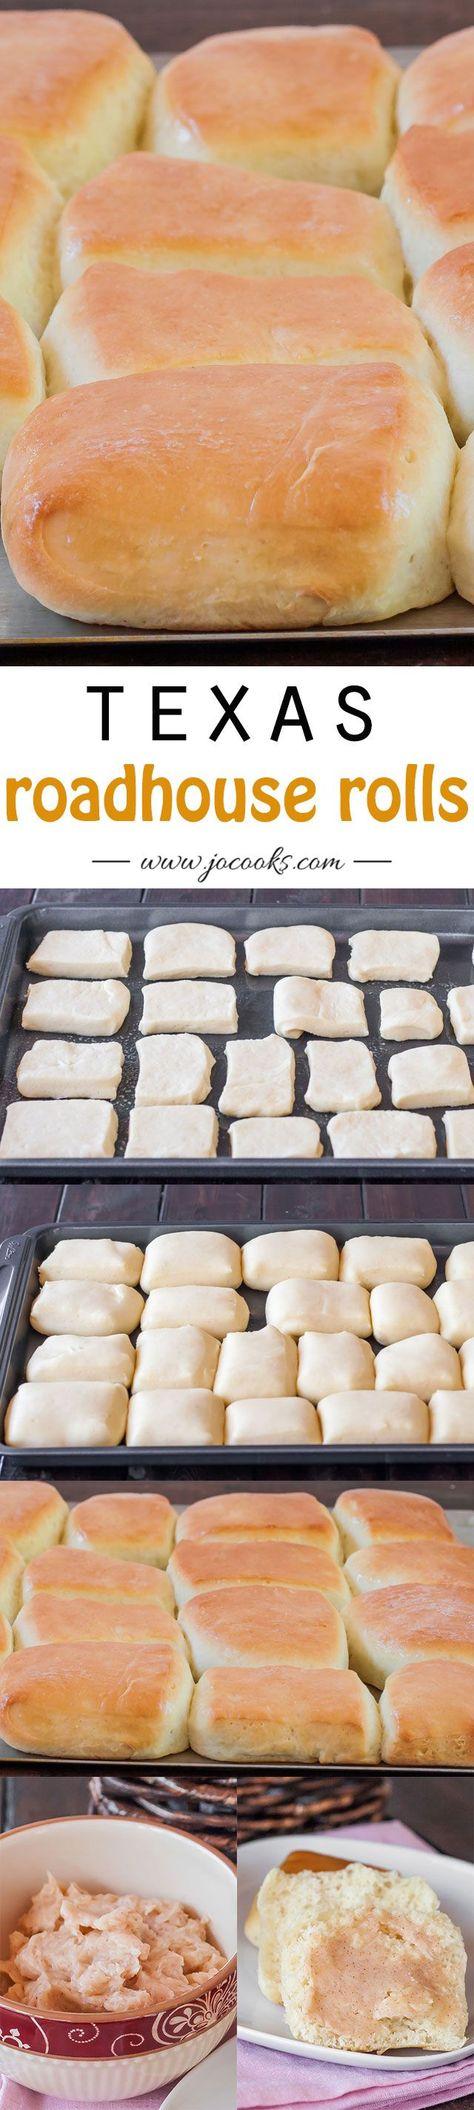 https://i.pinimg.com/474x/b9/7f/f3/b97ff32a7b1cc8acd16832038becc6e6--yeast-rolls-bread-rolls.jpg